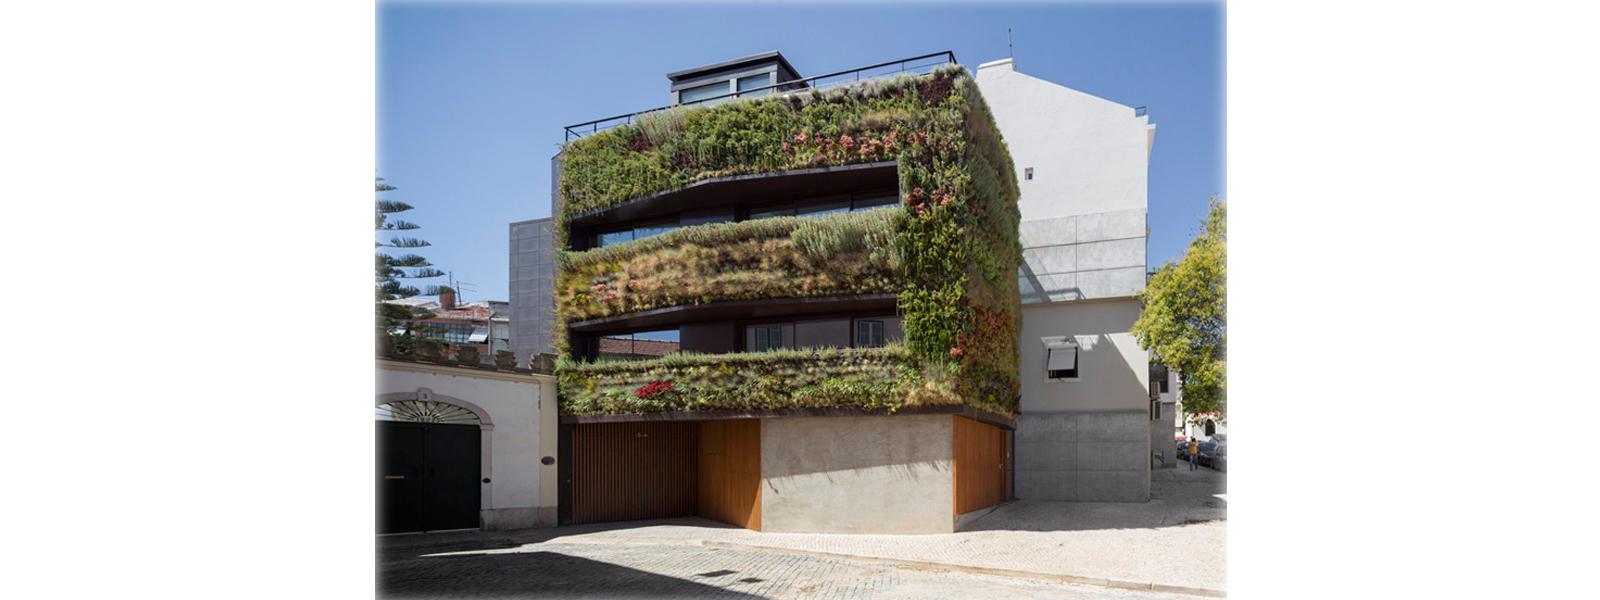 casa.parede-verde-lisboa